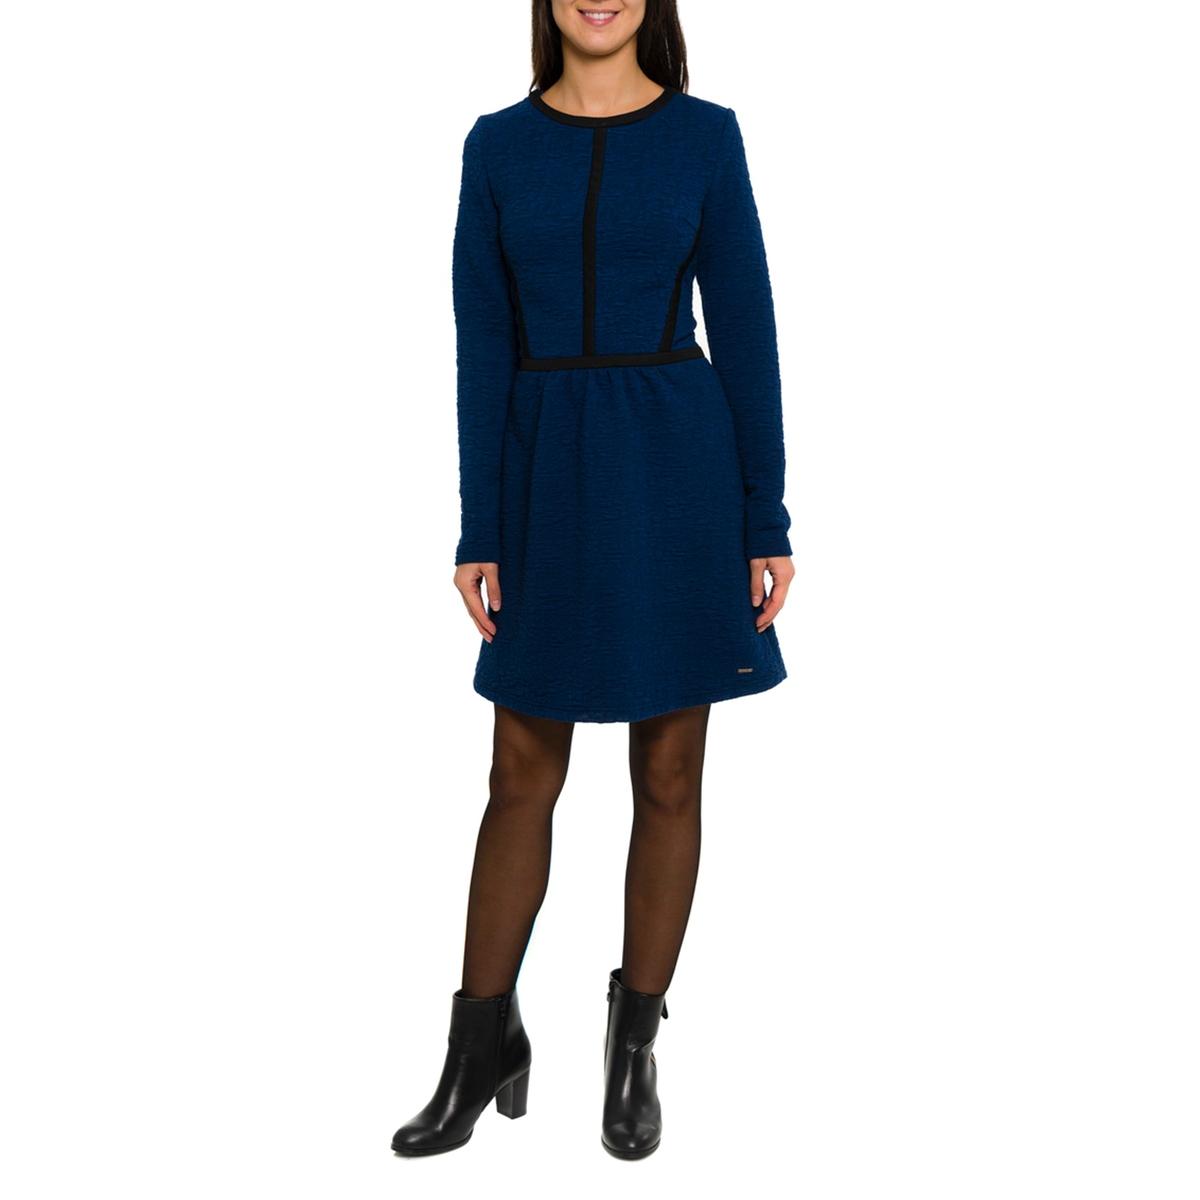 Платье с рисунком и длинными рукавамиПлатье PARAMITA. Цветочный принт. Рубашечный воротник. Пояс на завязках.          Состав и описание:Материал: 100% вискозы.     Марка: PARAMITA.<br><br>Цвет: темно-синий<br>Размер: M.S